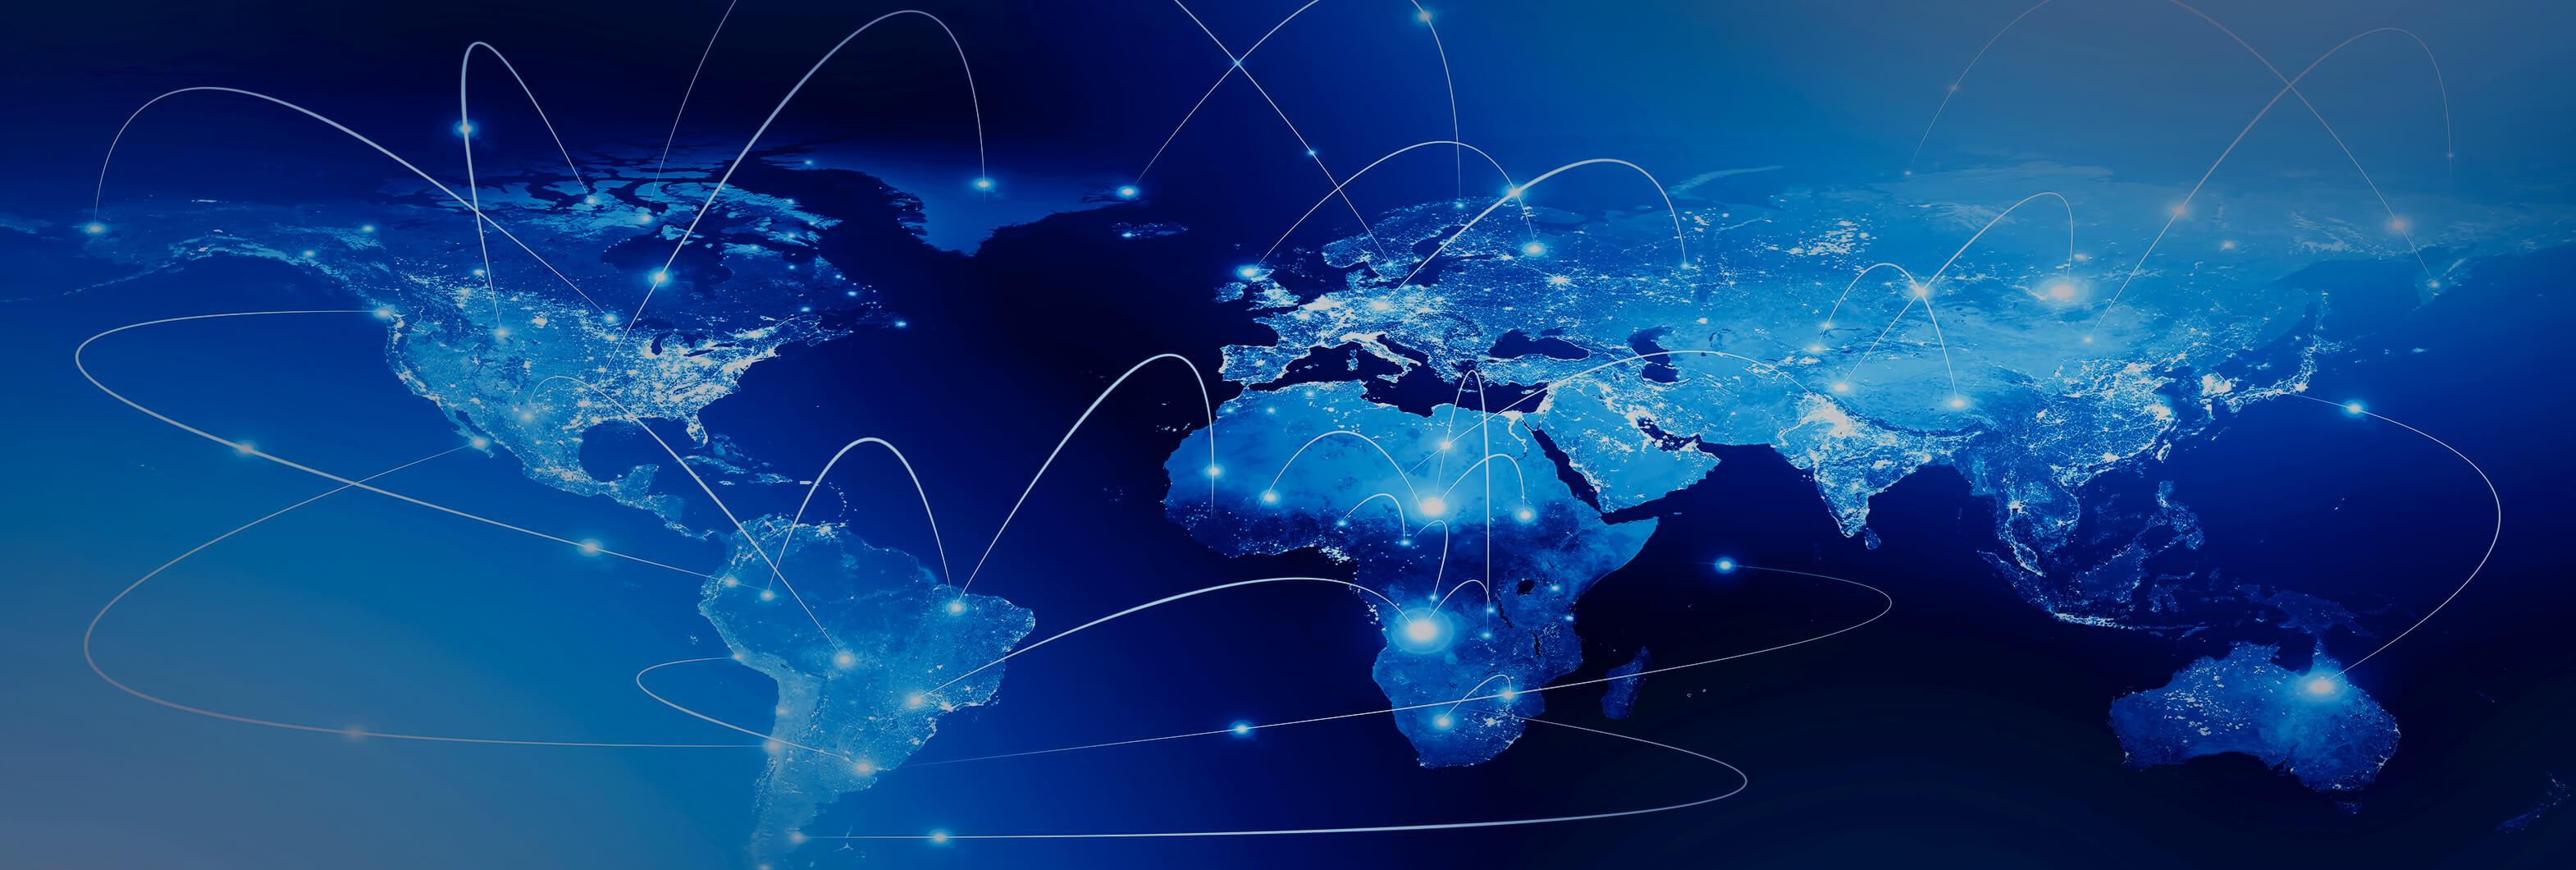 global partnership bridge alliance